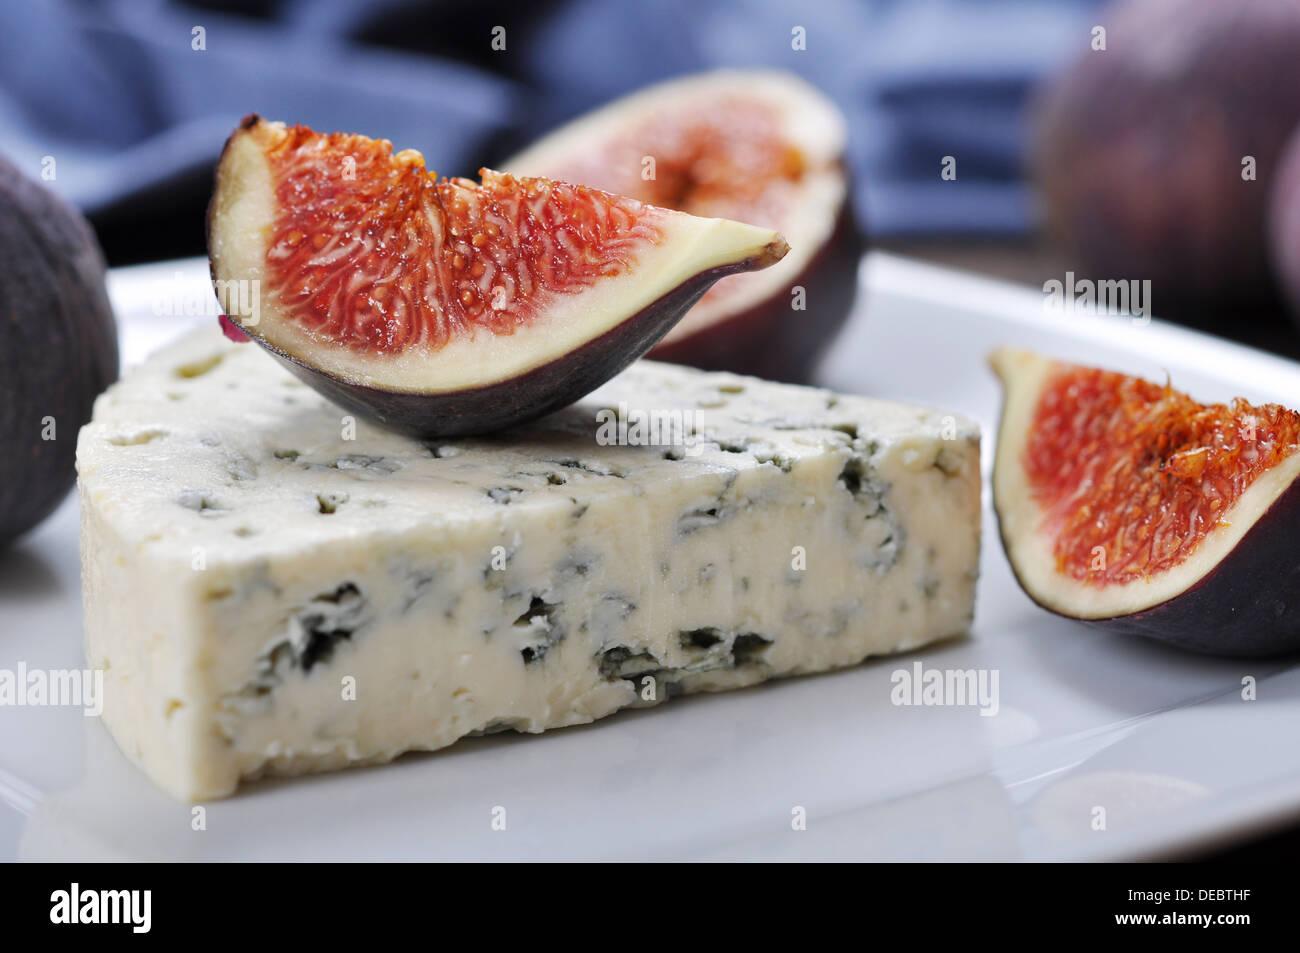 Formaggio blu e frutta dolce figure su una piastra bianca Immagini Stock